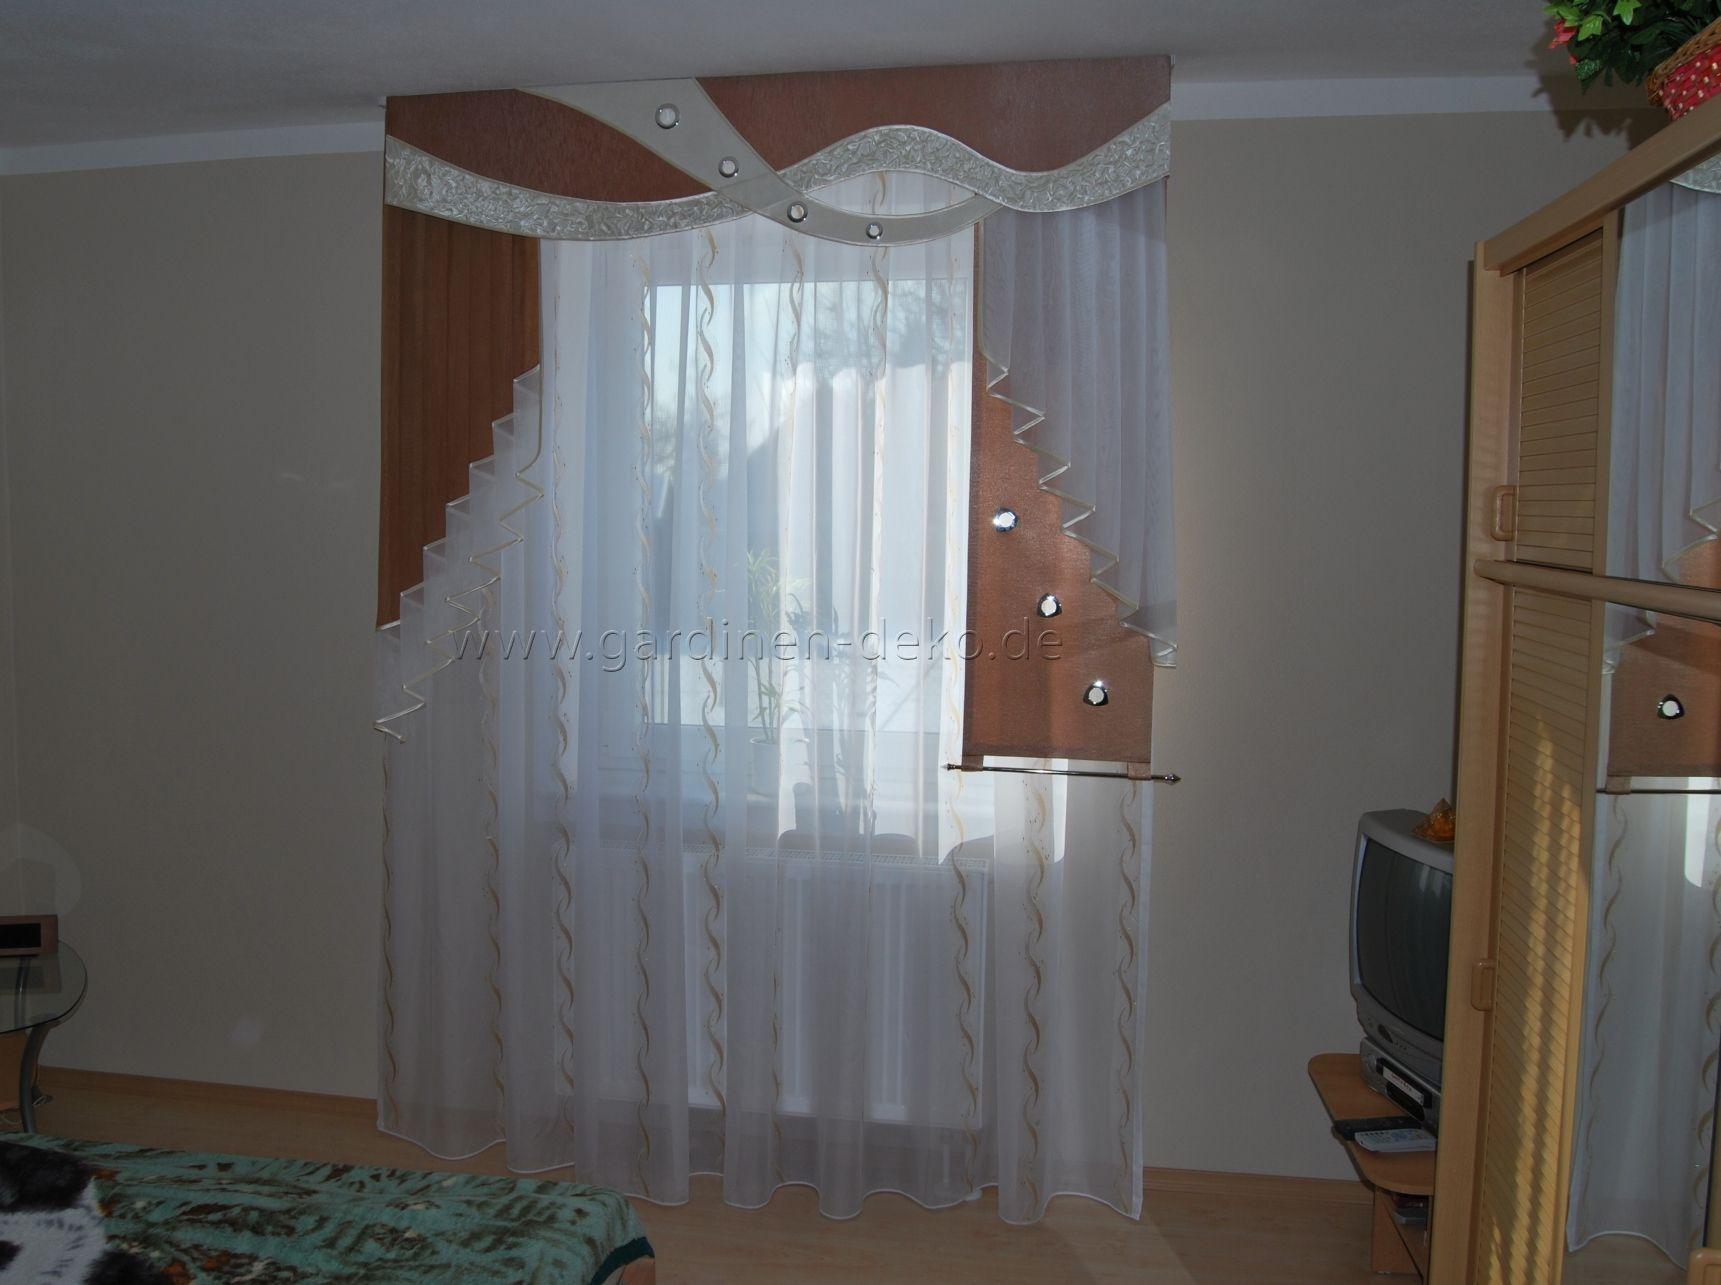 pin von gretzinger fensterdeko auf unsere arbeiten pinterest gardinen gardinen rollos und. Black Bedroom Furniture Sets. Home Design Ideas